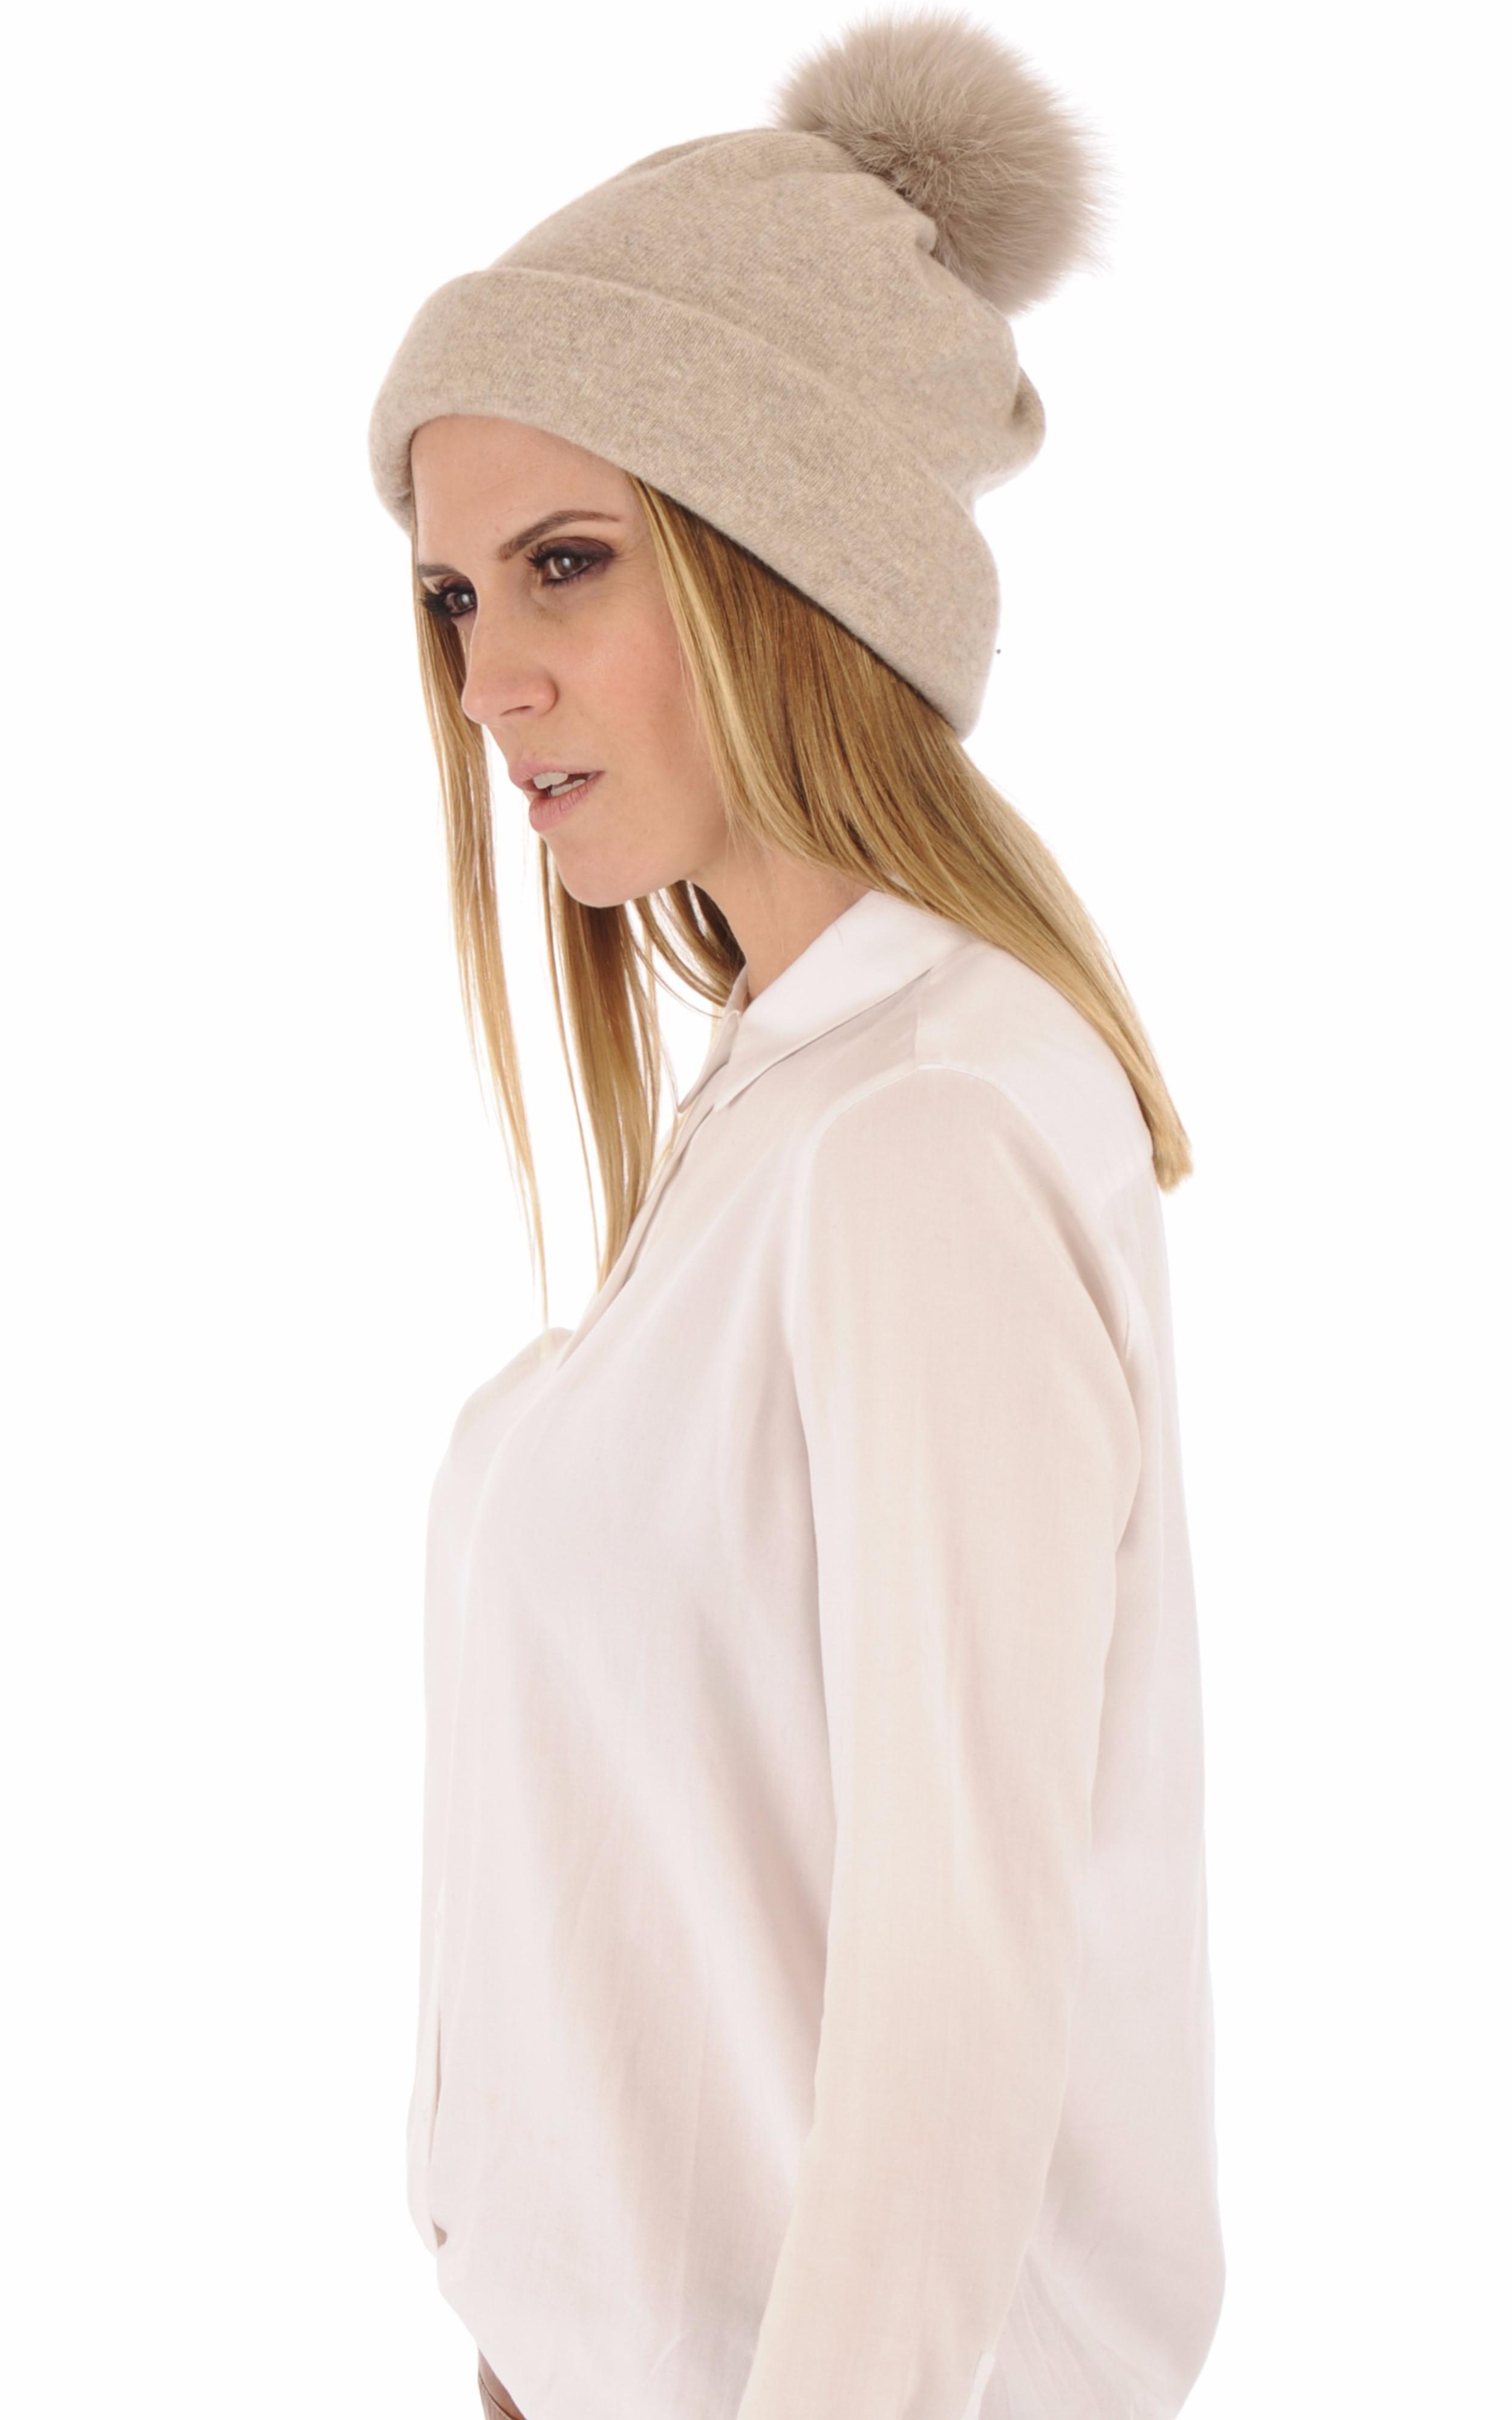 Bonnet en laine merinos beige Tsanikidis